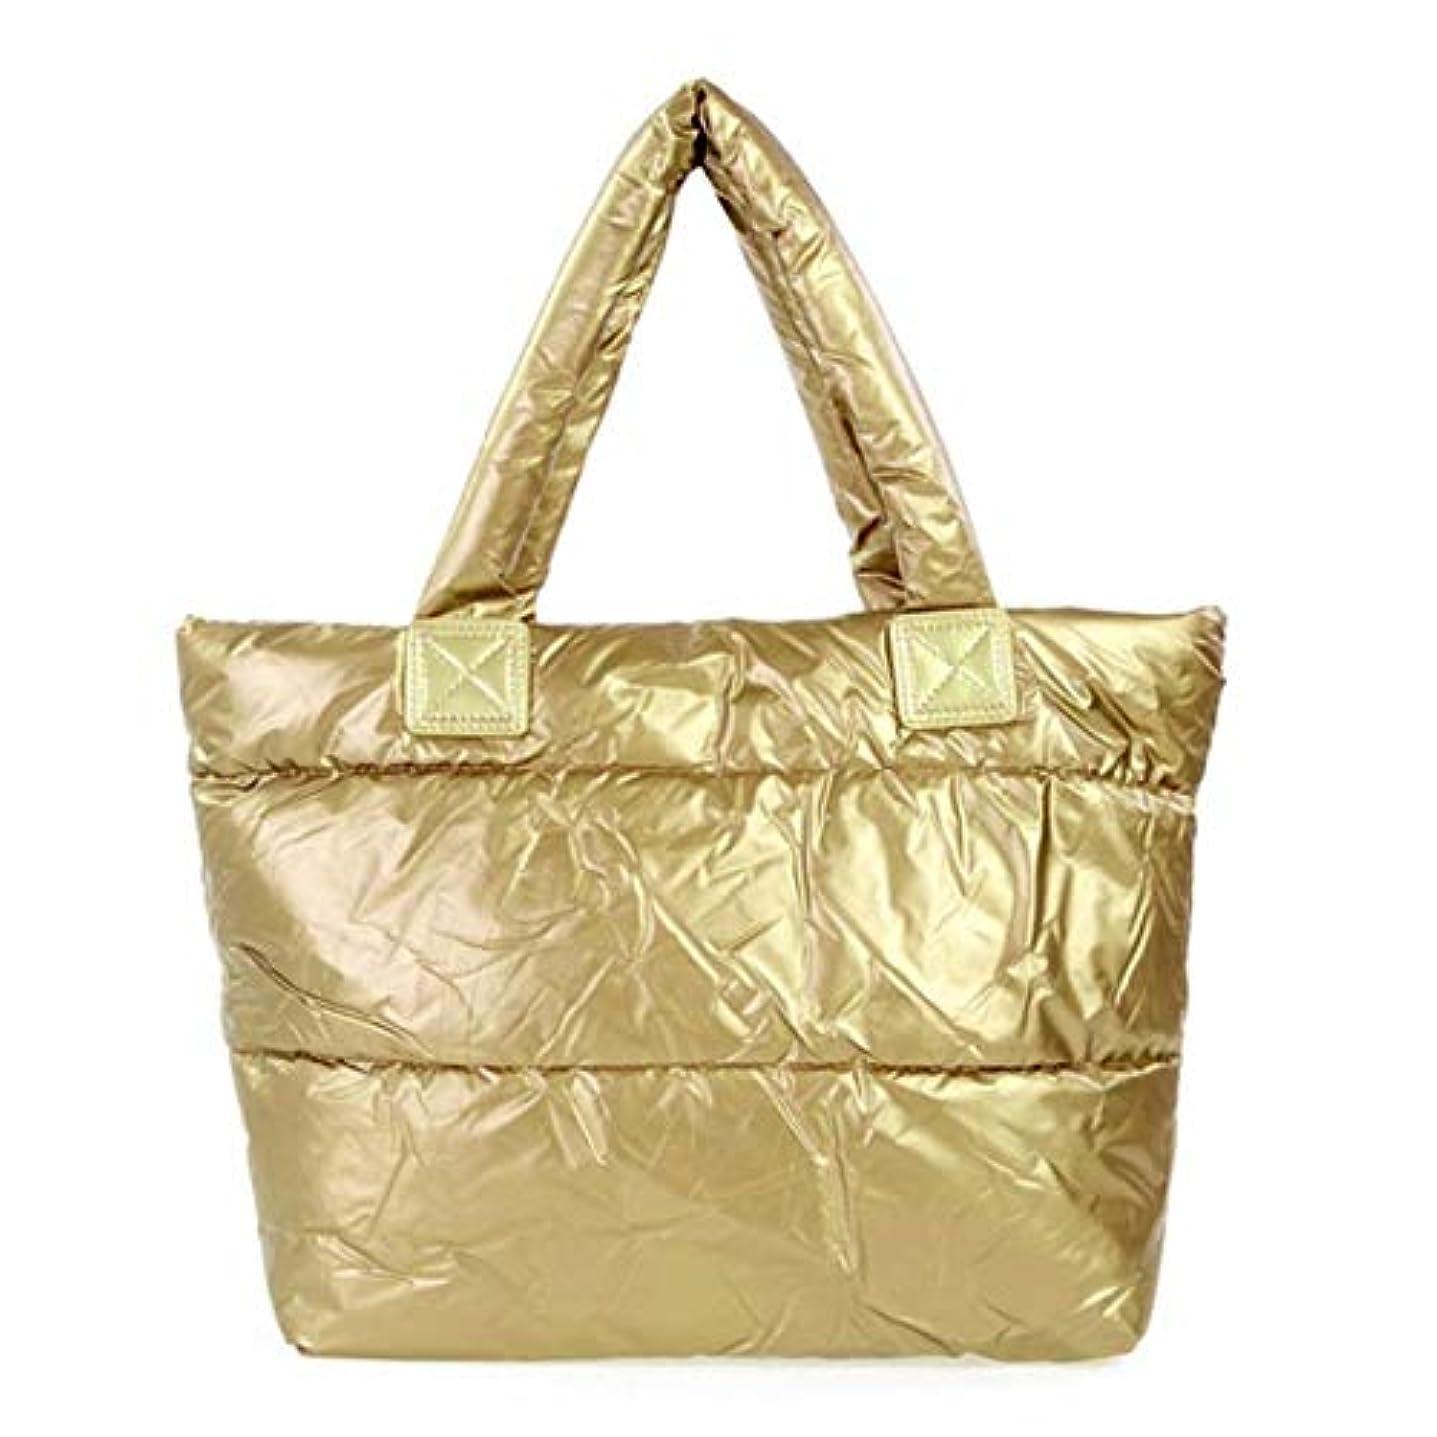 汚い羊止まるレディースバッグスペースバッグスポンジショルダーハンドバッグポータブルレディコットンパッド入りバッグ冬大容量トートバッグハンドバッグ-ゴールド